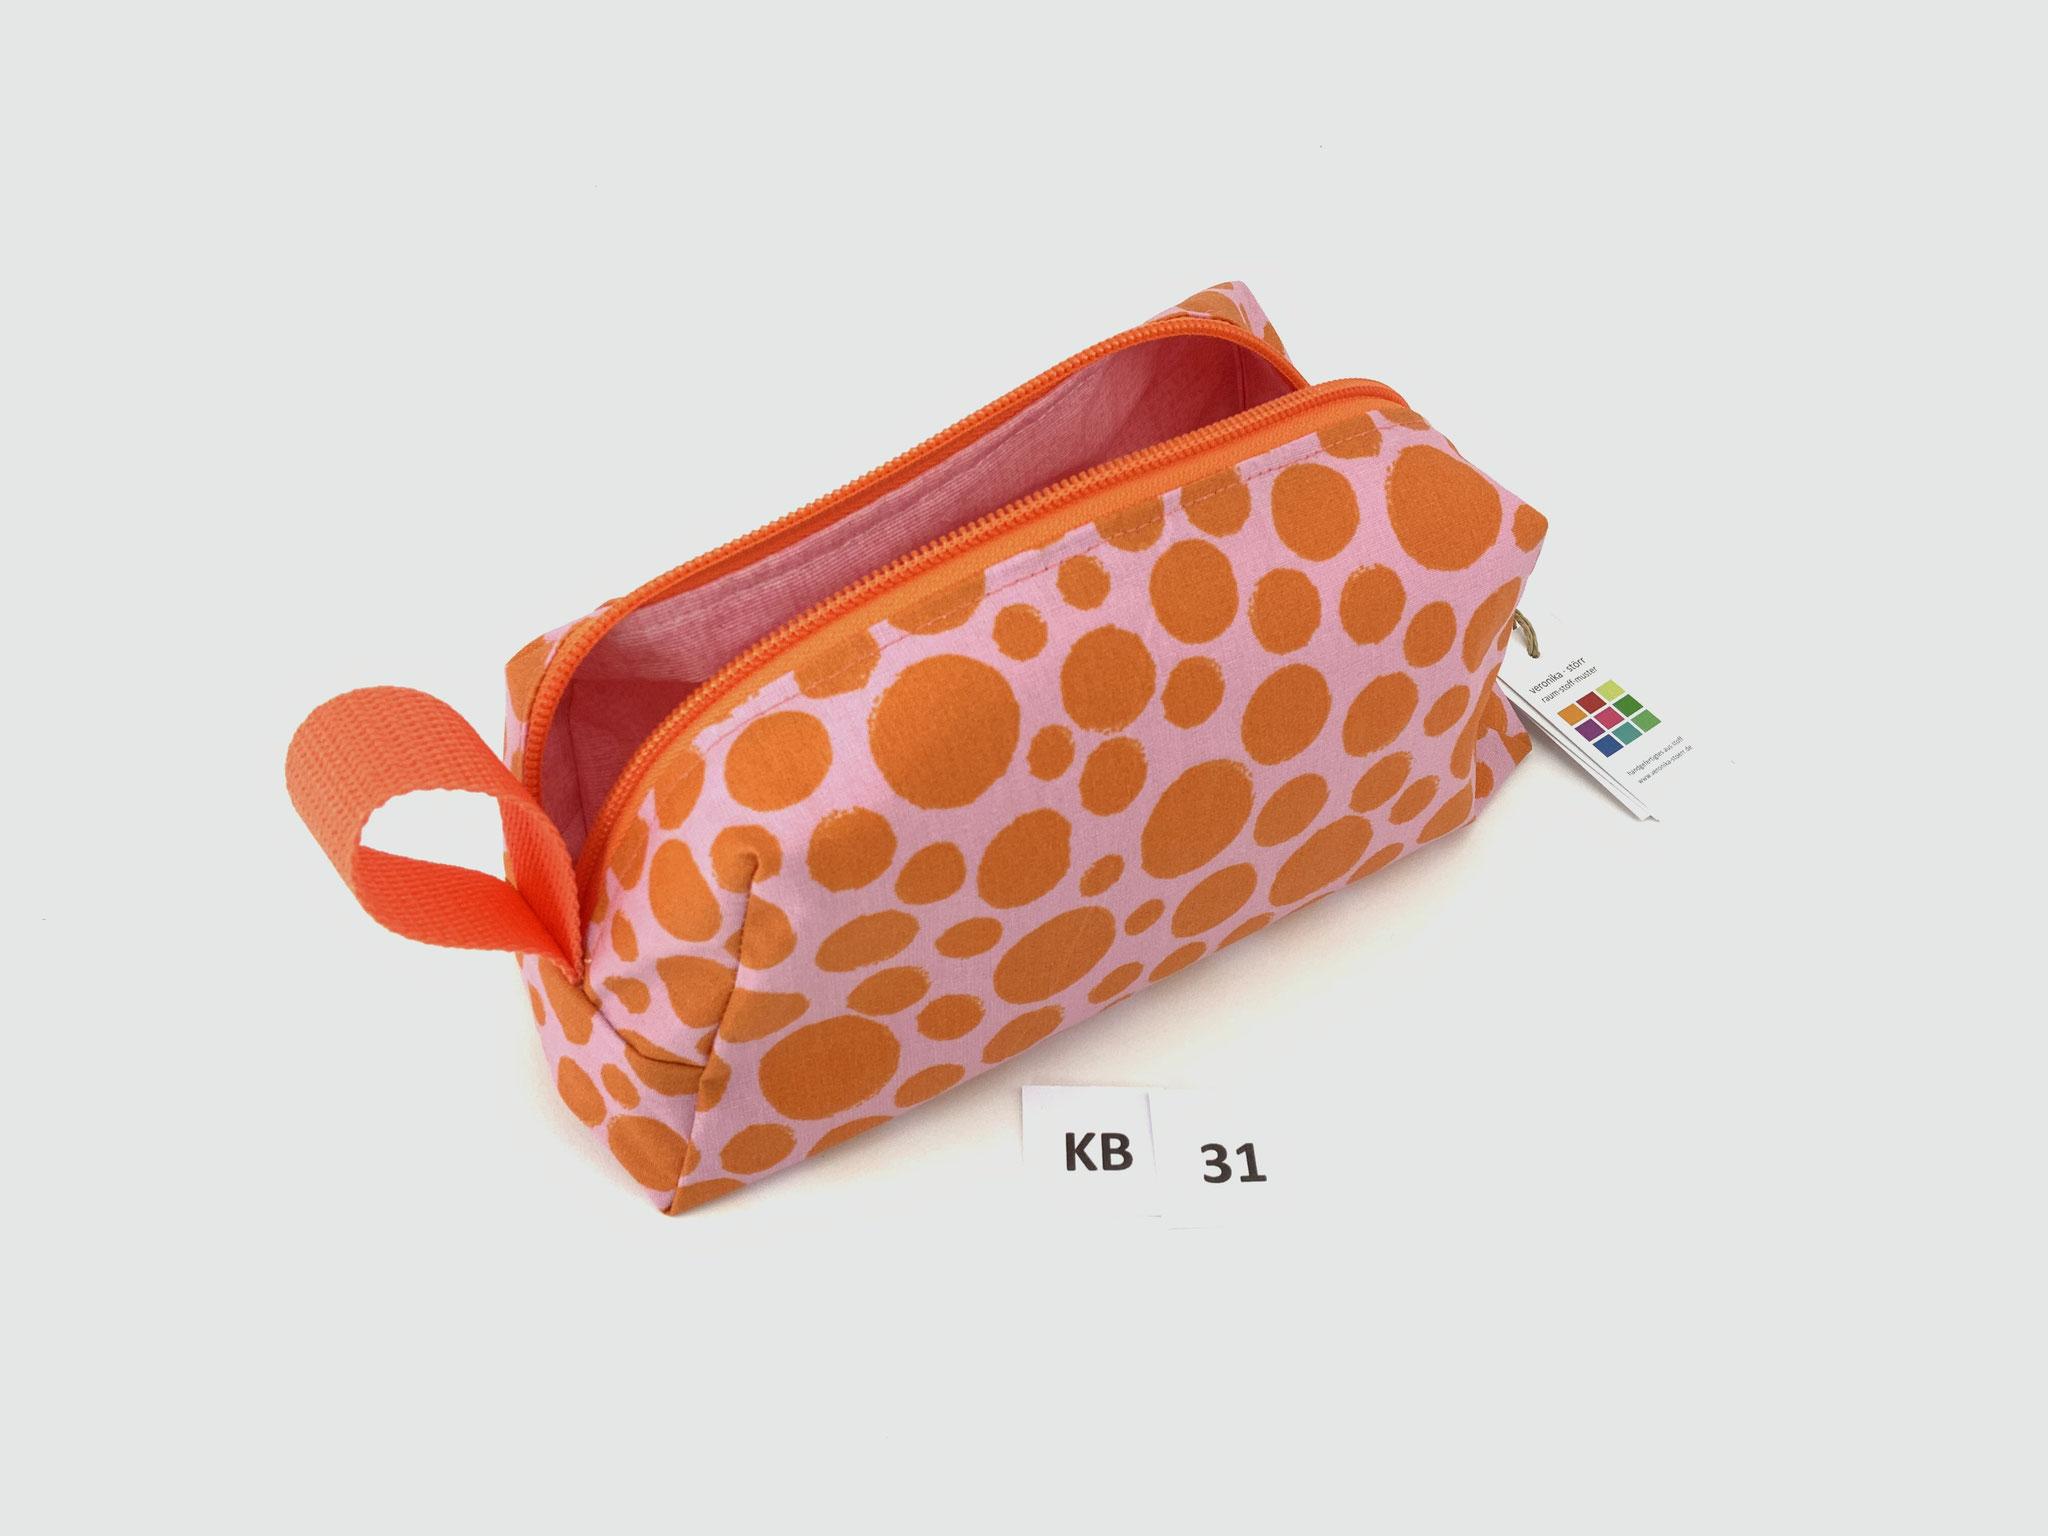 KB 31: 22 x 10 x 8 cm * AS + IS BBW * 21.90 €